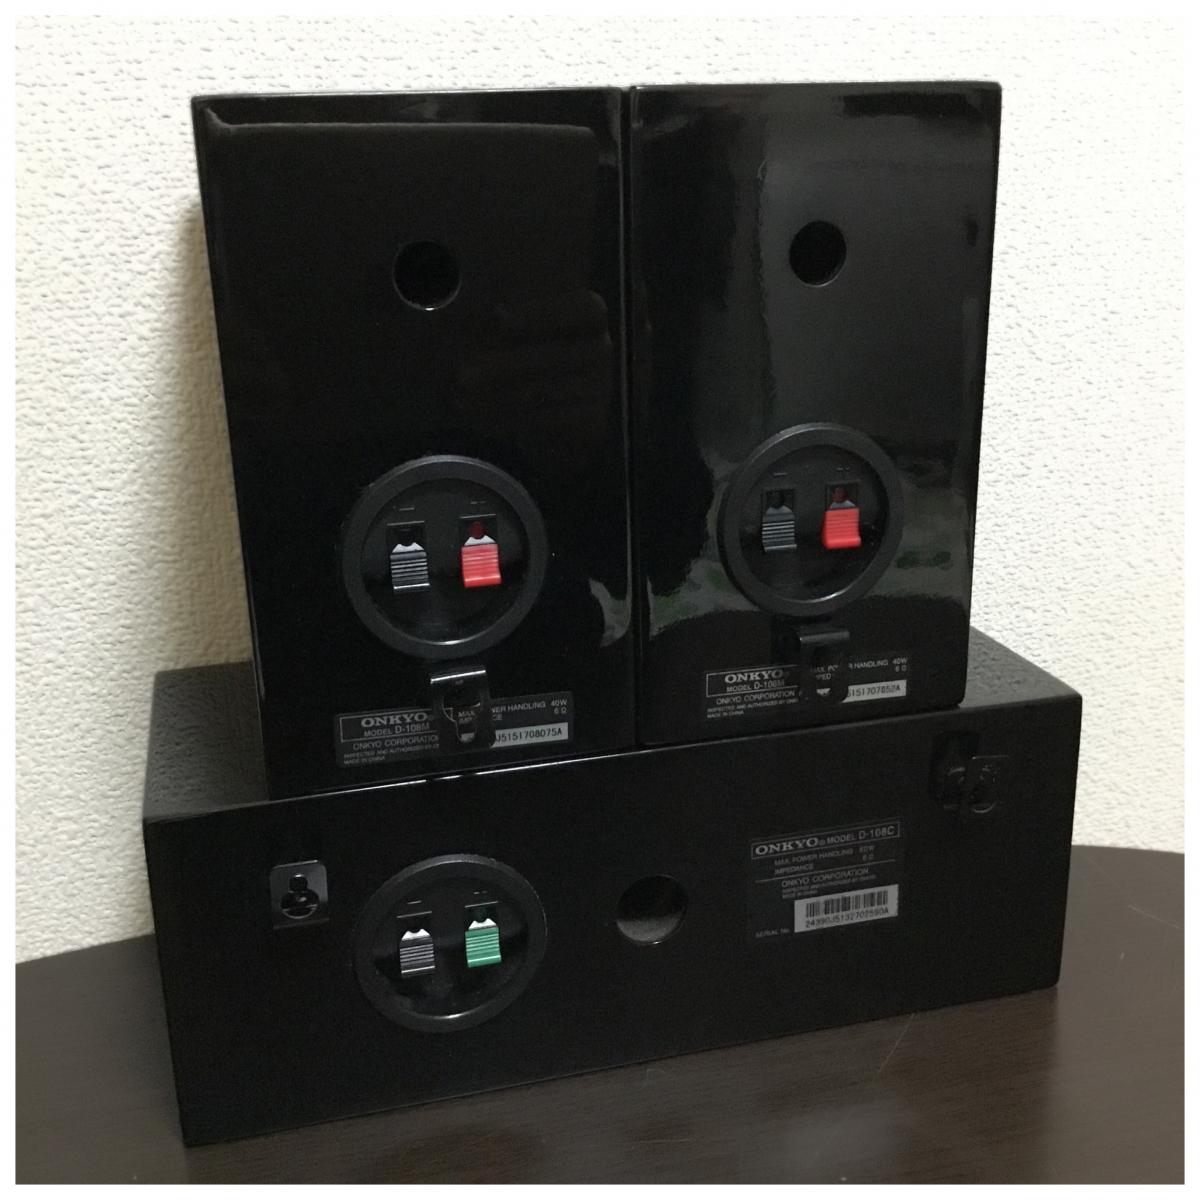 1円スタート!ONKYO オンキョー SA-205HDX ST-V30HDX SWA-V30HDX D-108M D-108C サラウンドセット_画像4